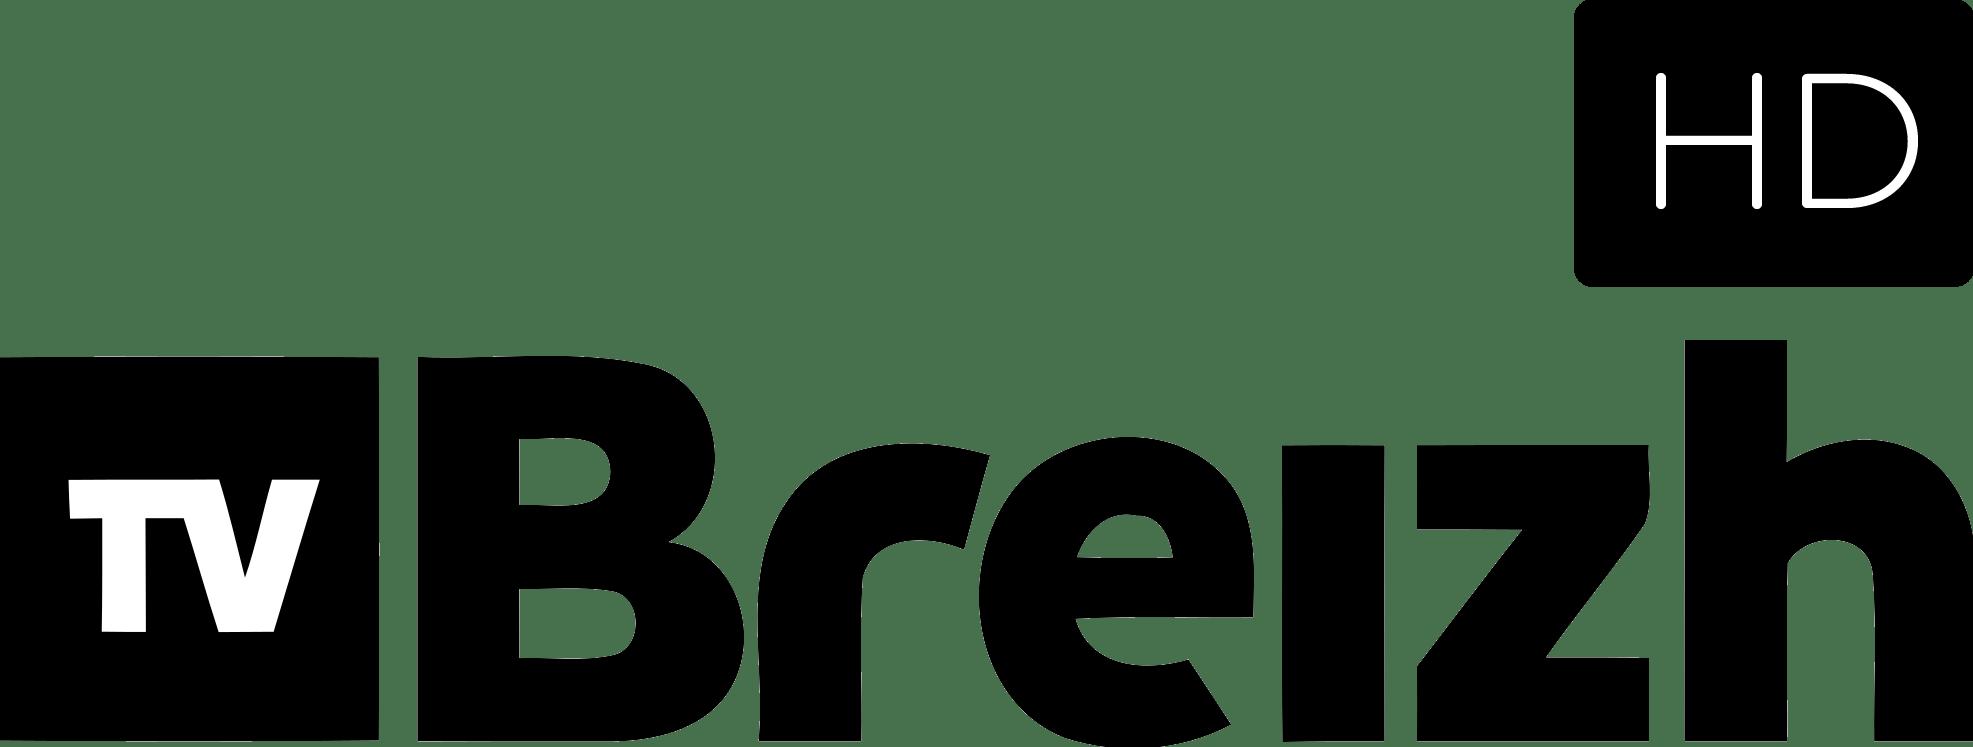 Comment looga peut regarder la télévision Breizh?